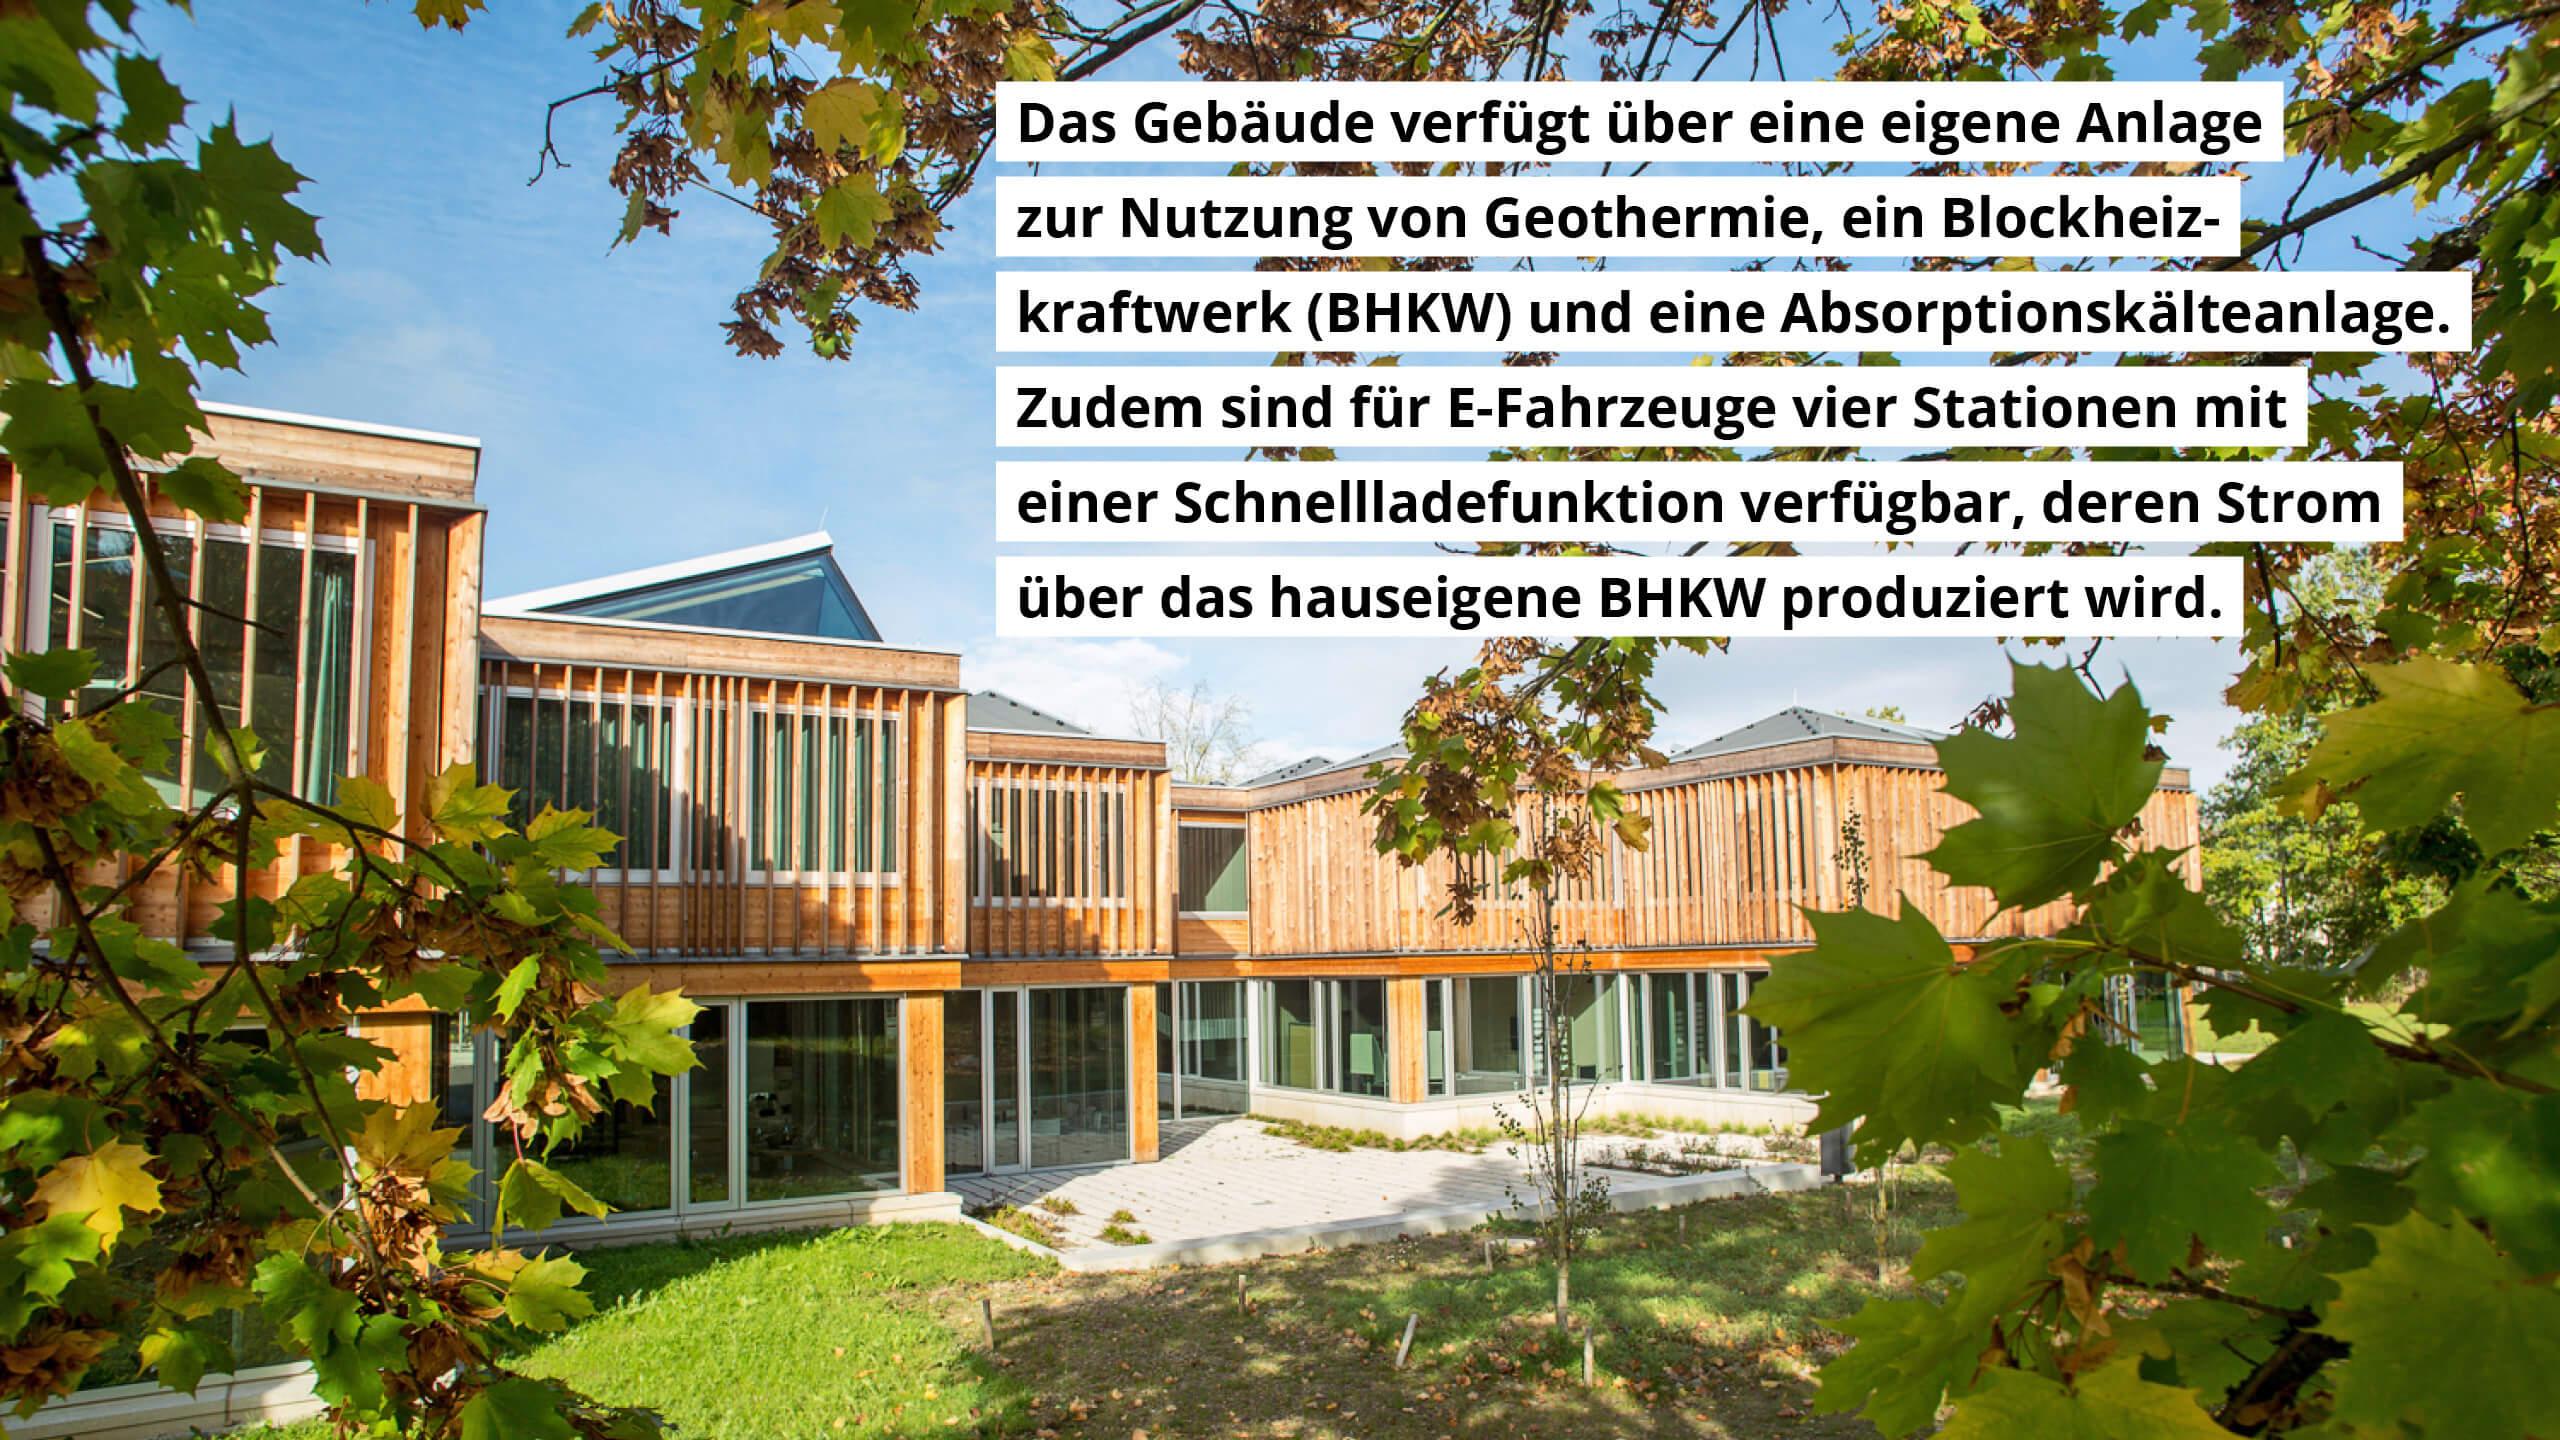 Das Gebäude nutzt Geothermie, ein Blockheizkraftwerk und eine Absorptionskälteanlage. Es sind Schnellade-Stationen für E-Fahrzeuge vorhanden.